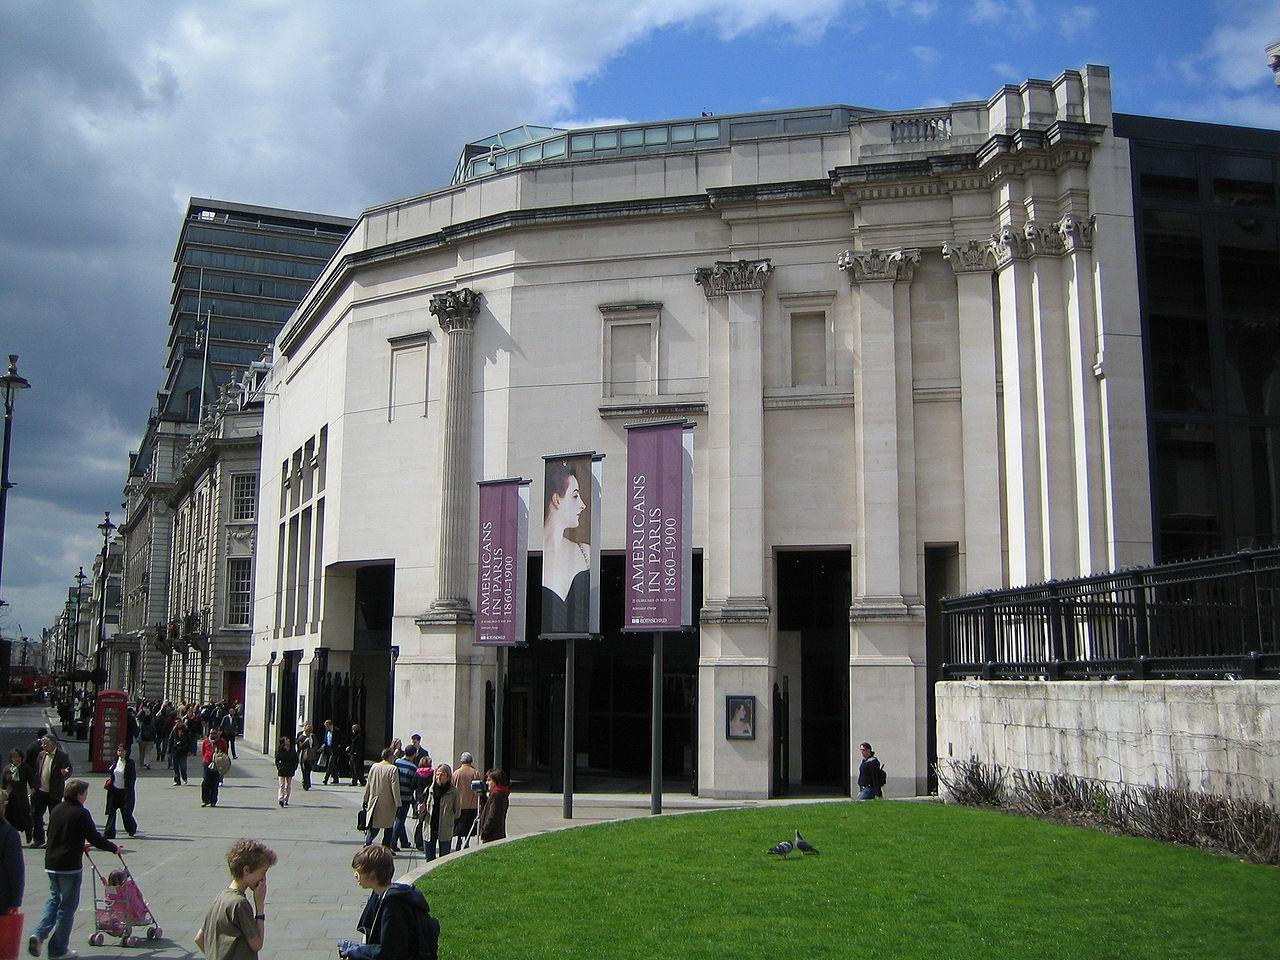 Национальная галерея в Лондоне, крыло Sainsbury